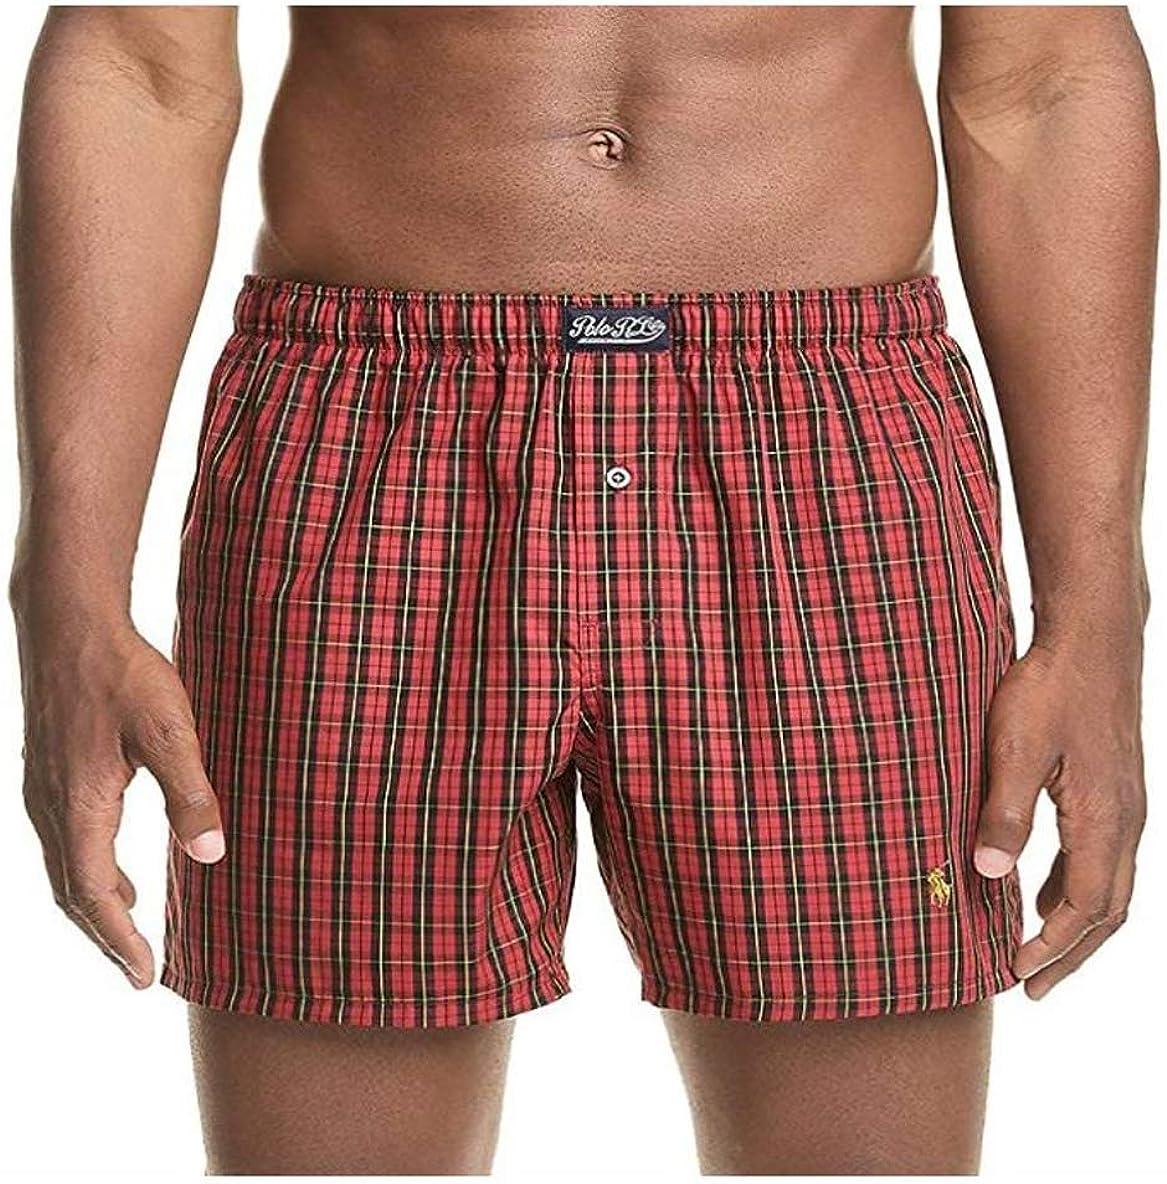 Polo Ralph Lauren Men's Underwear 100% Cotton Classic Fit Boxer